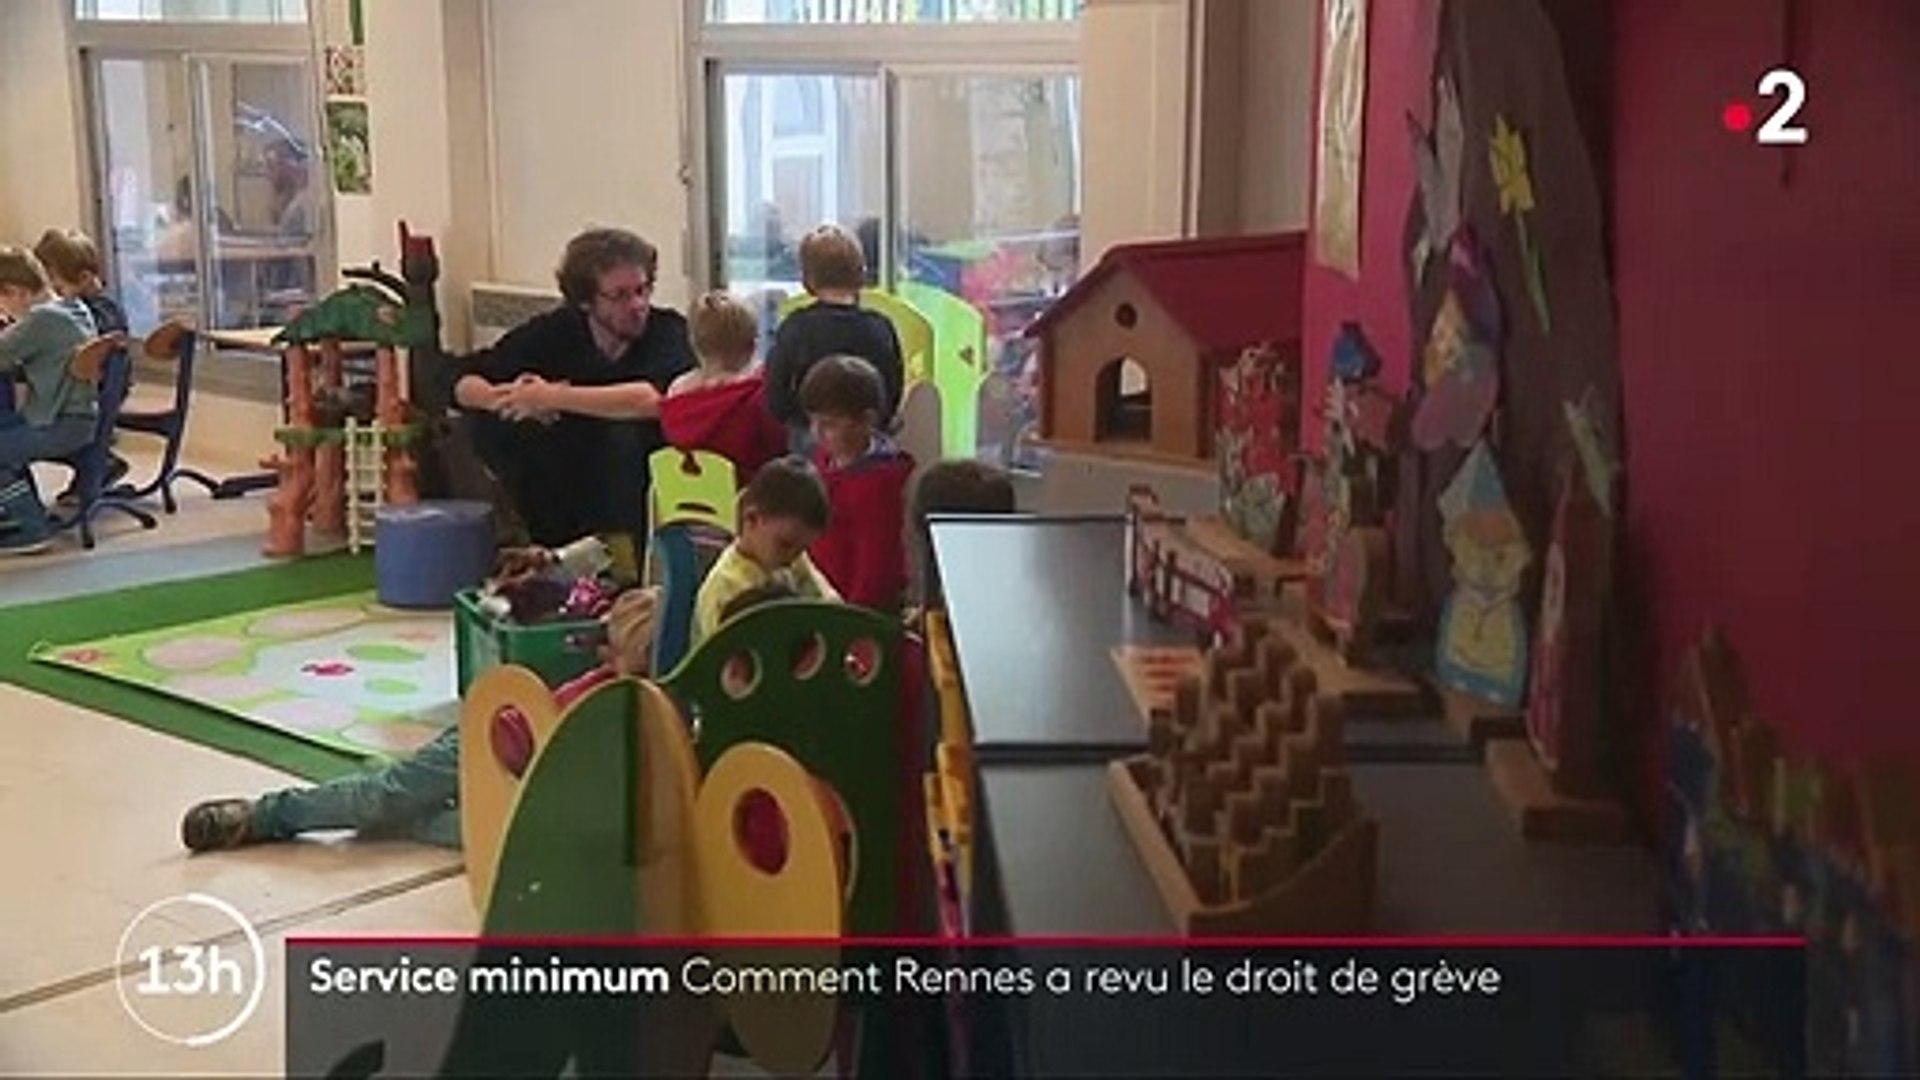 Rennes Des Mesures Pour Encadrer Le Droit De Grève Des Fonctionnaires